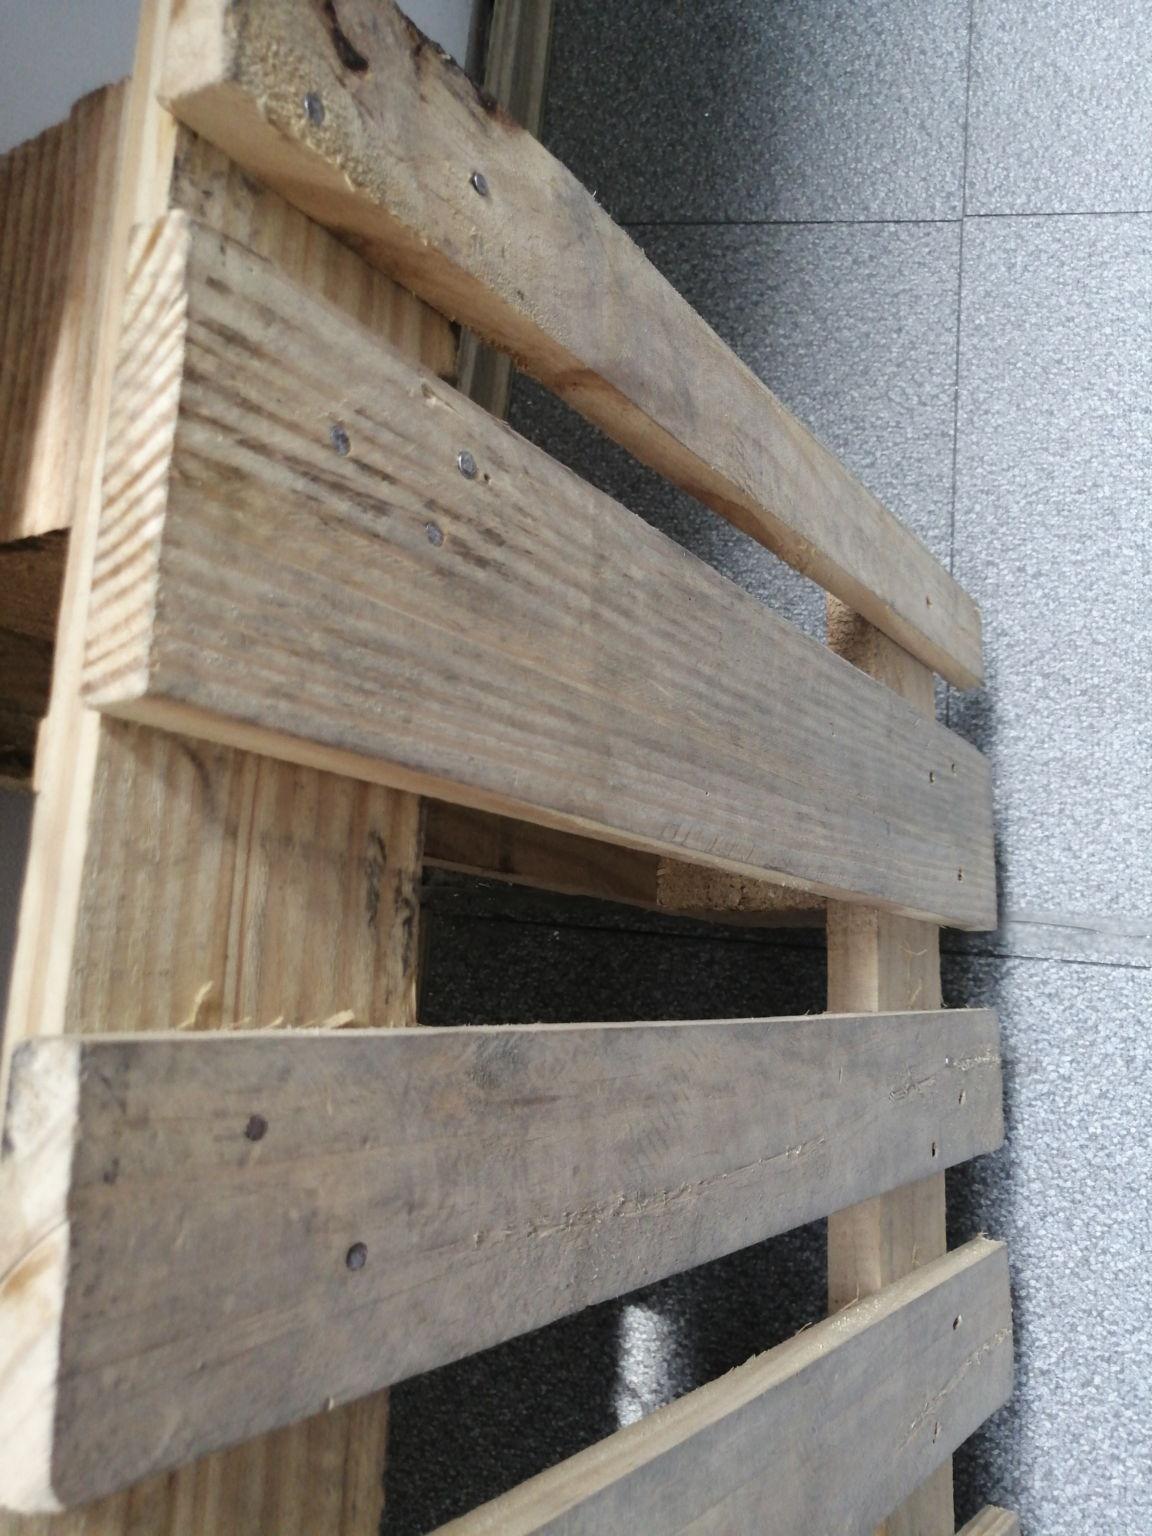 苏州求购单面木托盘厂家哪家好1.问清楚你要买多大的